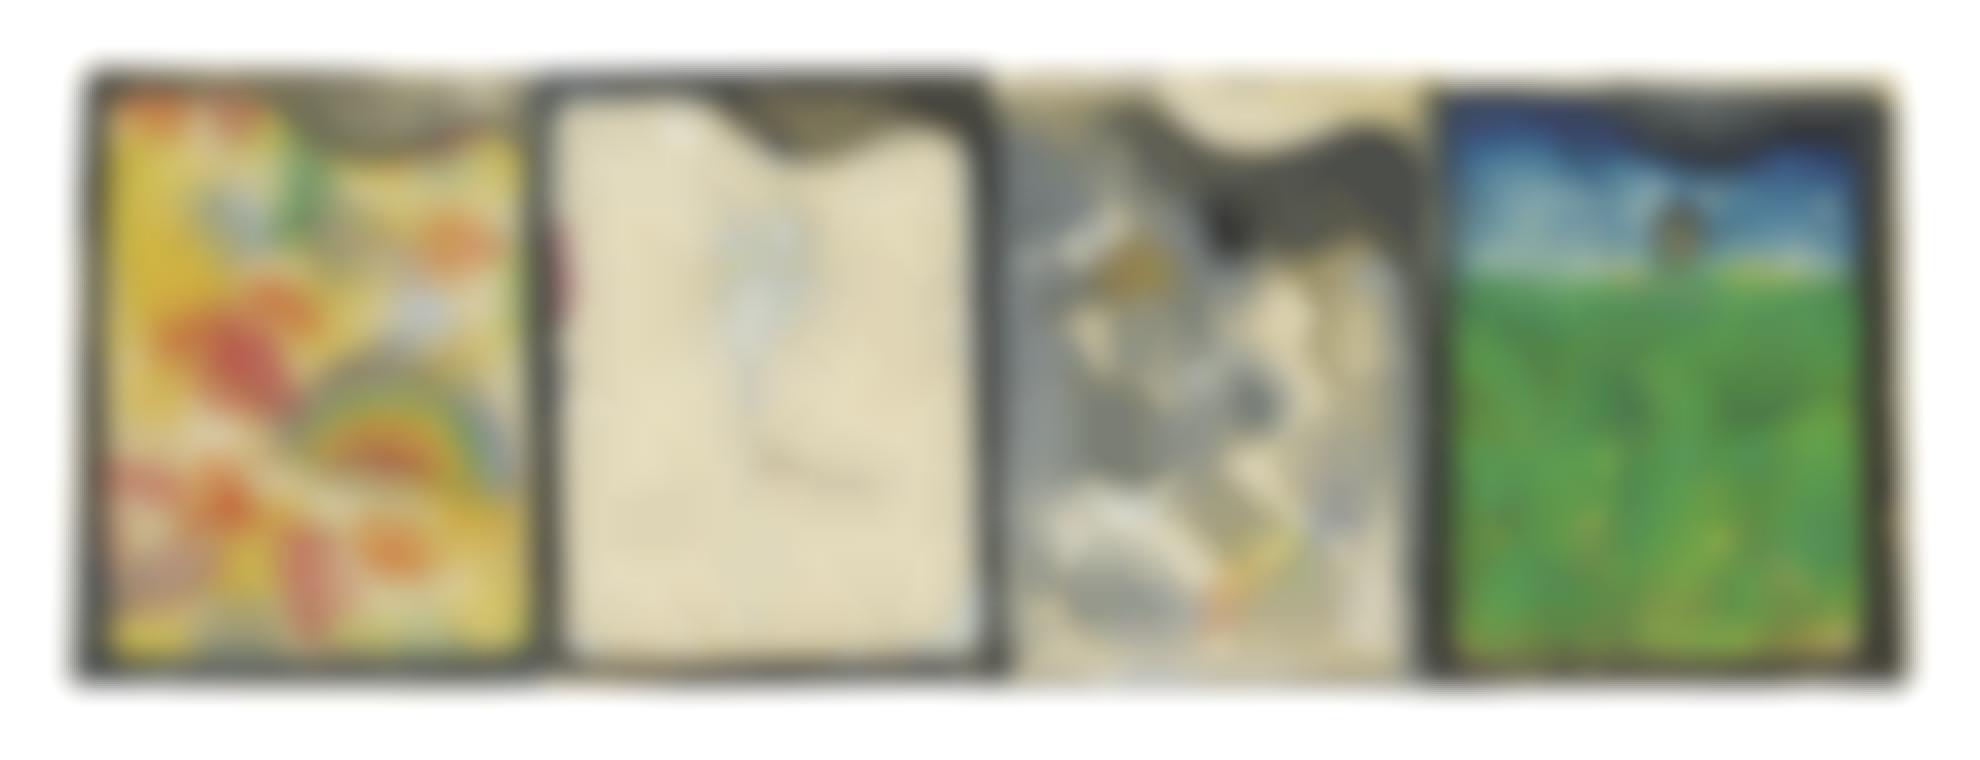 Jim Dine-Four Palettes-1963